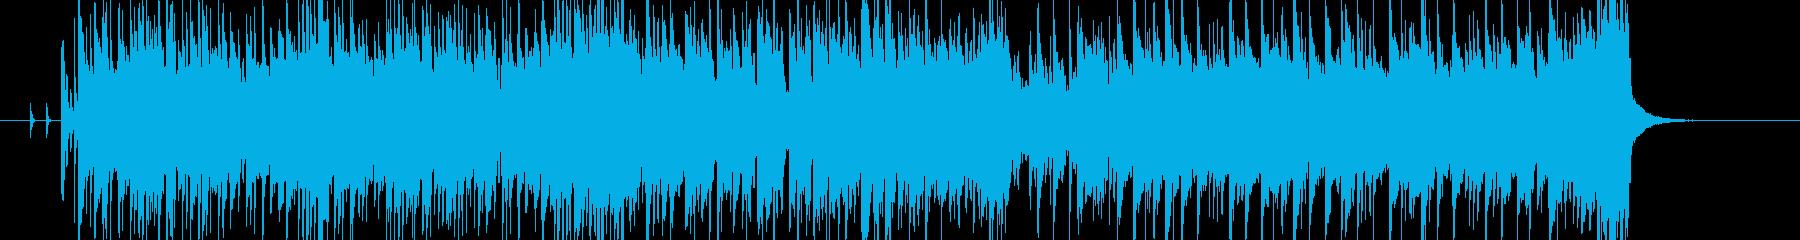 爽やかなピアノと動きのあるベースの再生済みの波形